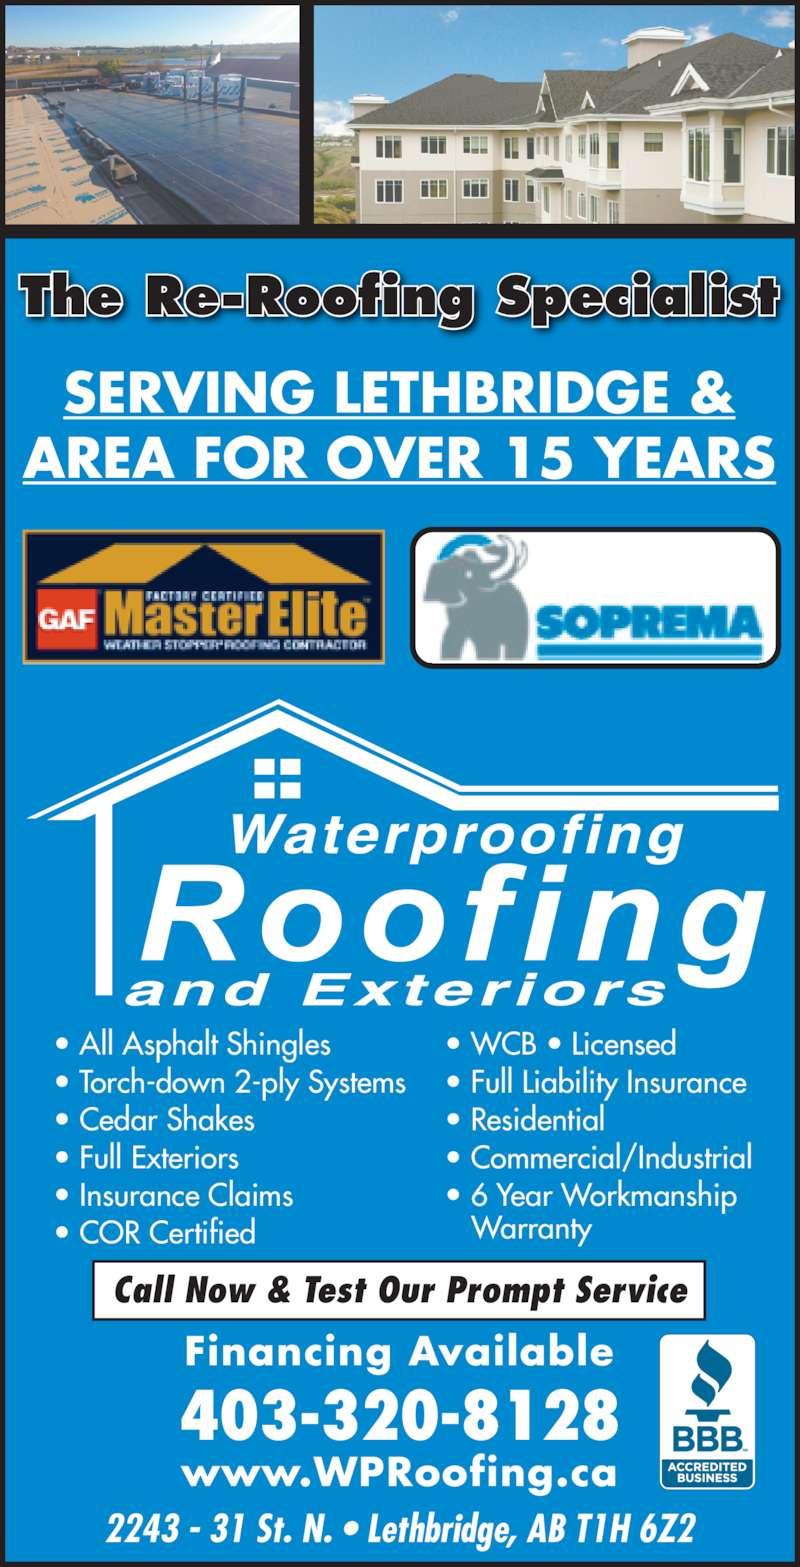 Waterproofing Roofing Opening Hours 2243 31 St N